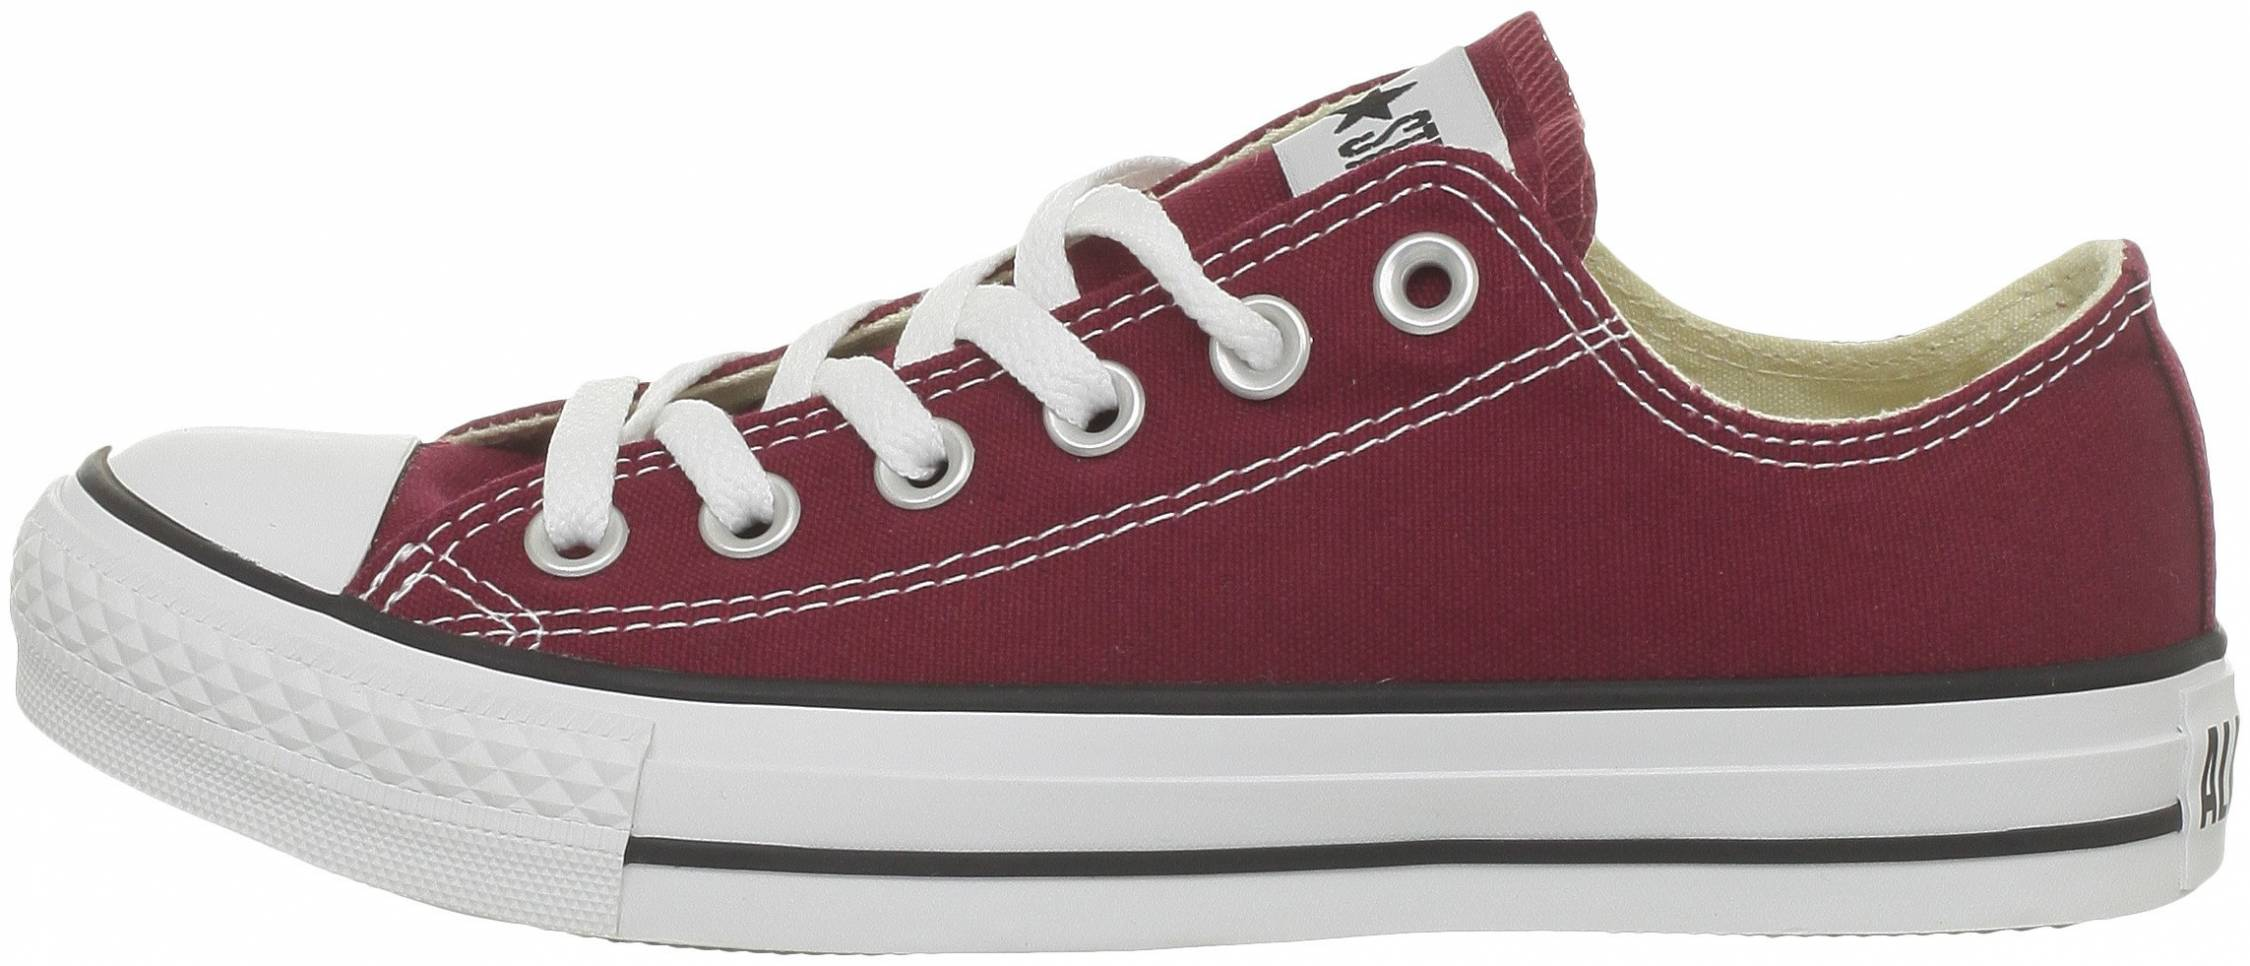 eficientemente Las bacterias lanzadera  Save 33% on Converse Chuck Taylor All Star Sneakers (50 Models in Stock) |  RunRepeat